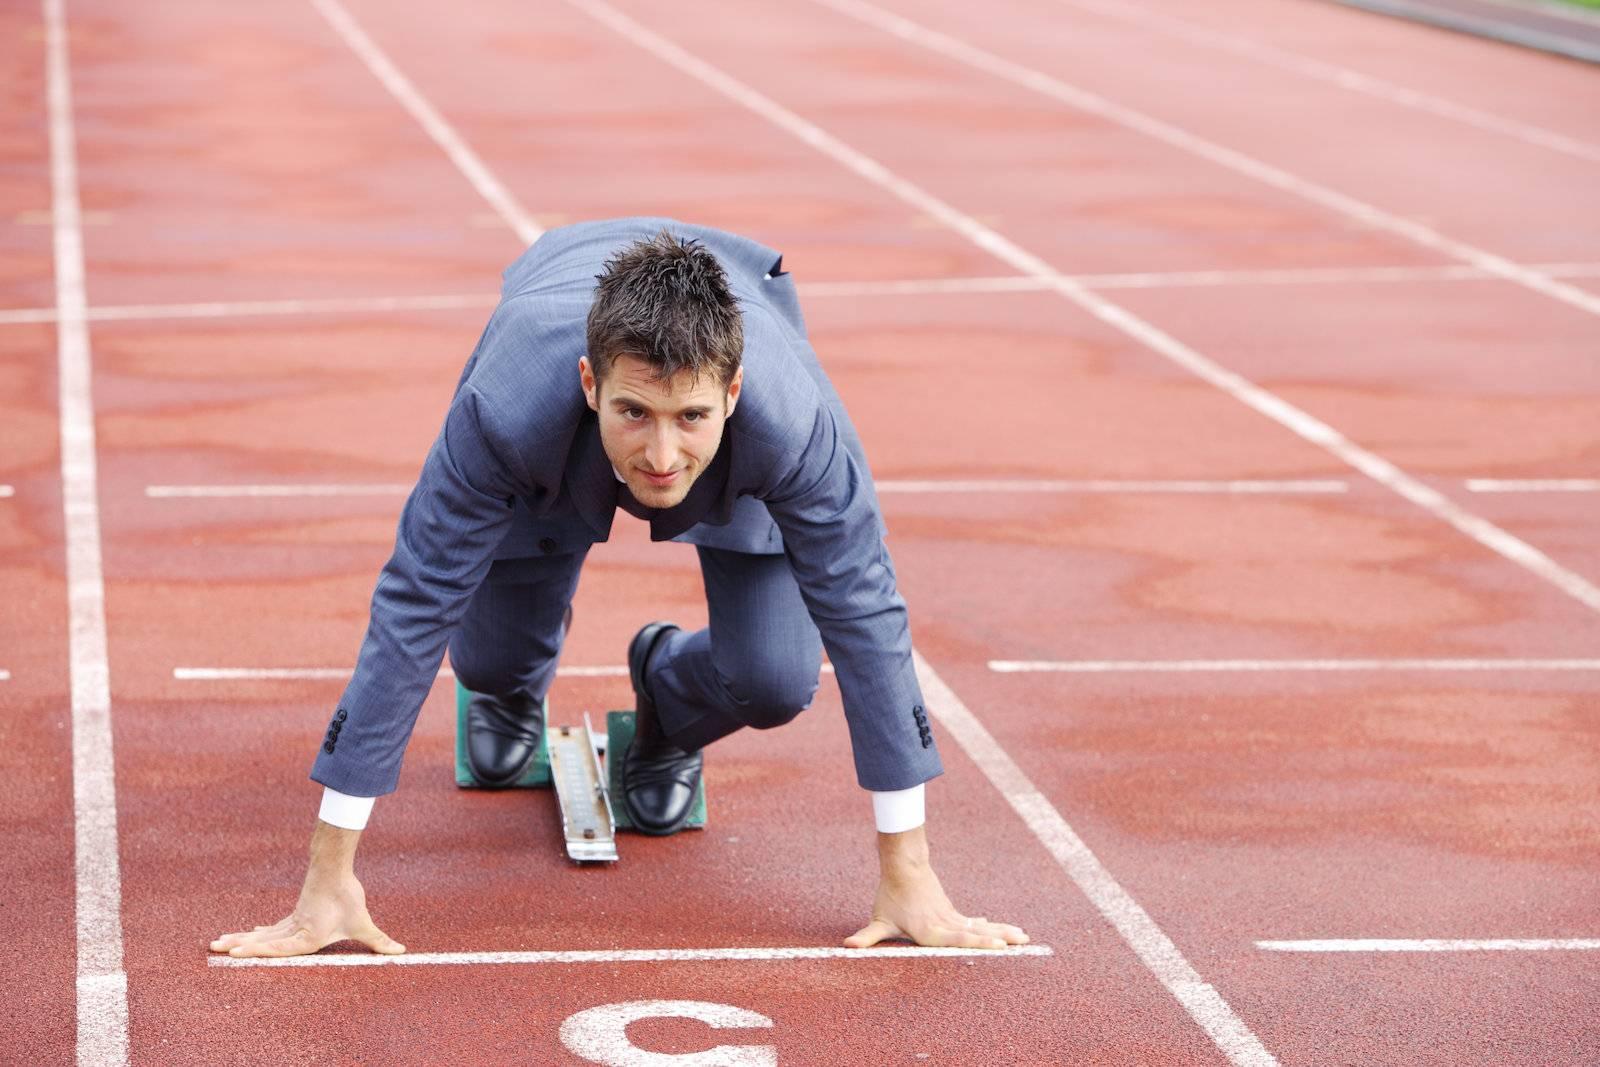 Adult, Athlete, Business, Business man, Caucasian, Challenge - D9614004